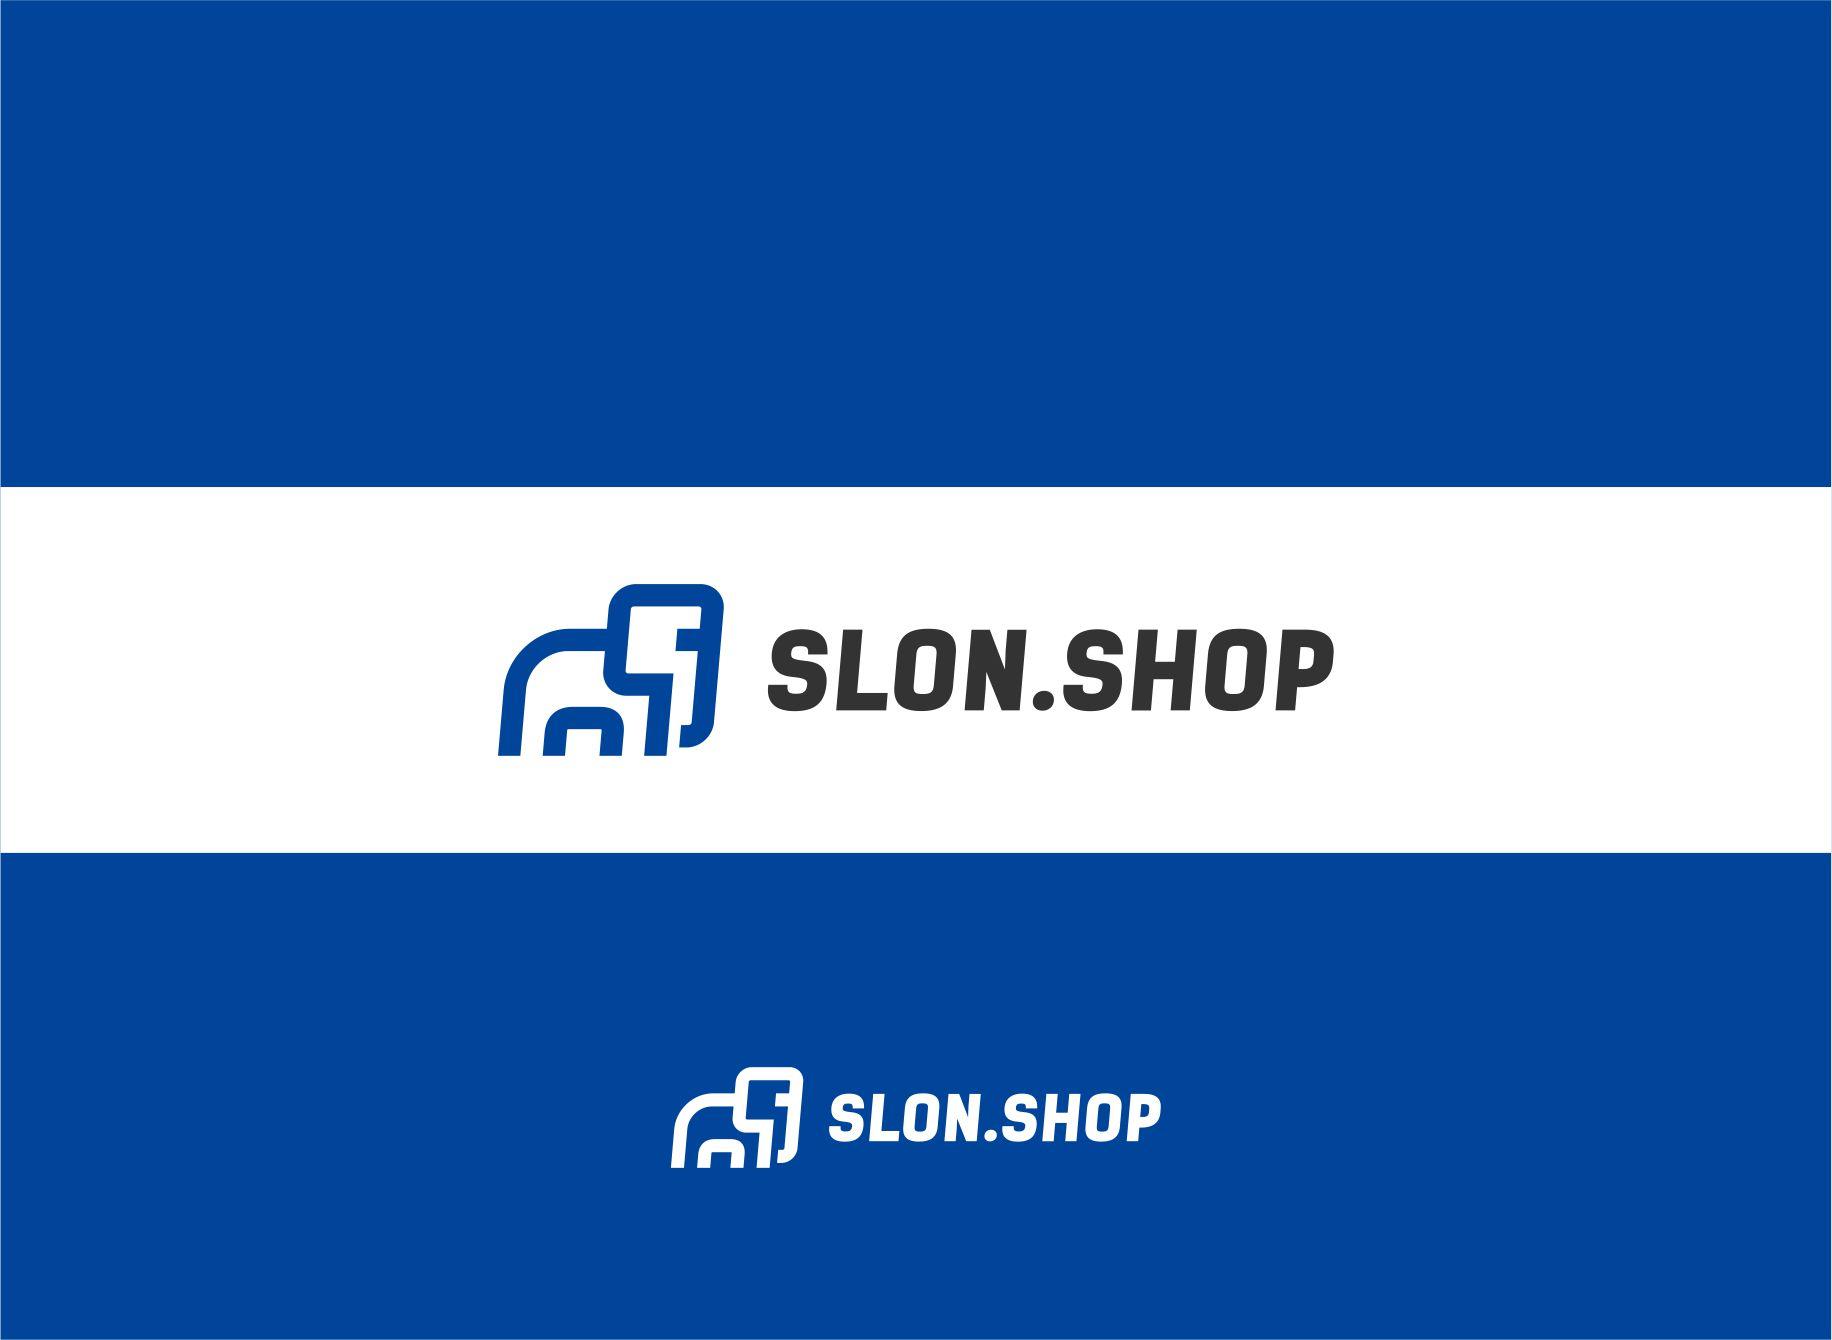 Разработать логотип и фирменный стиль интернет-магазина  фото f_39359909bb212793.jpg